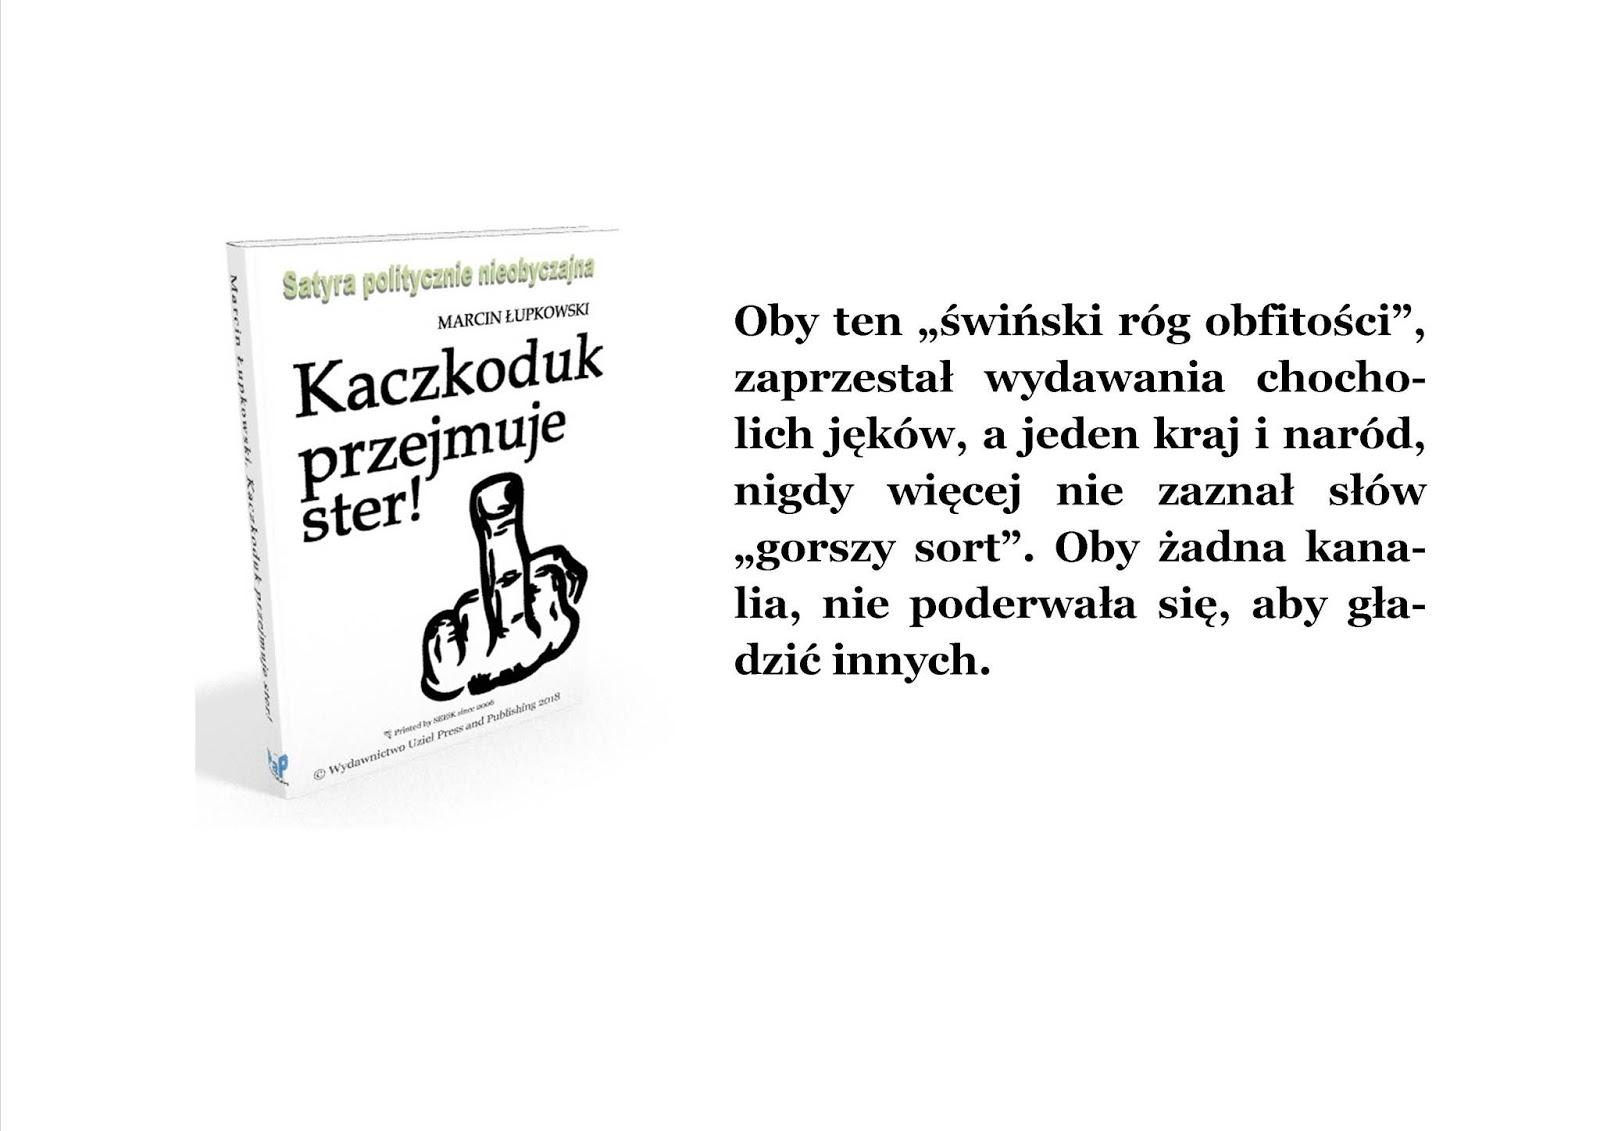 Emigracja ojczyźniana w satyrze politycznej Kaczkoduk przejmuje ster!